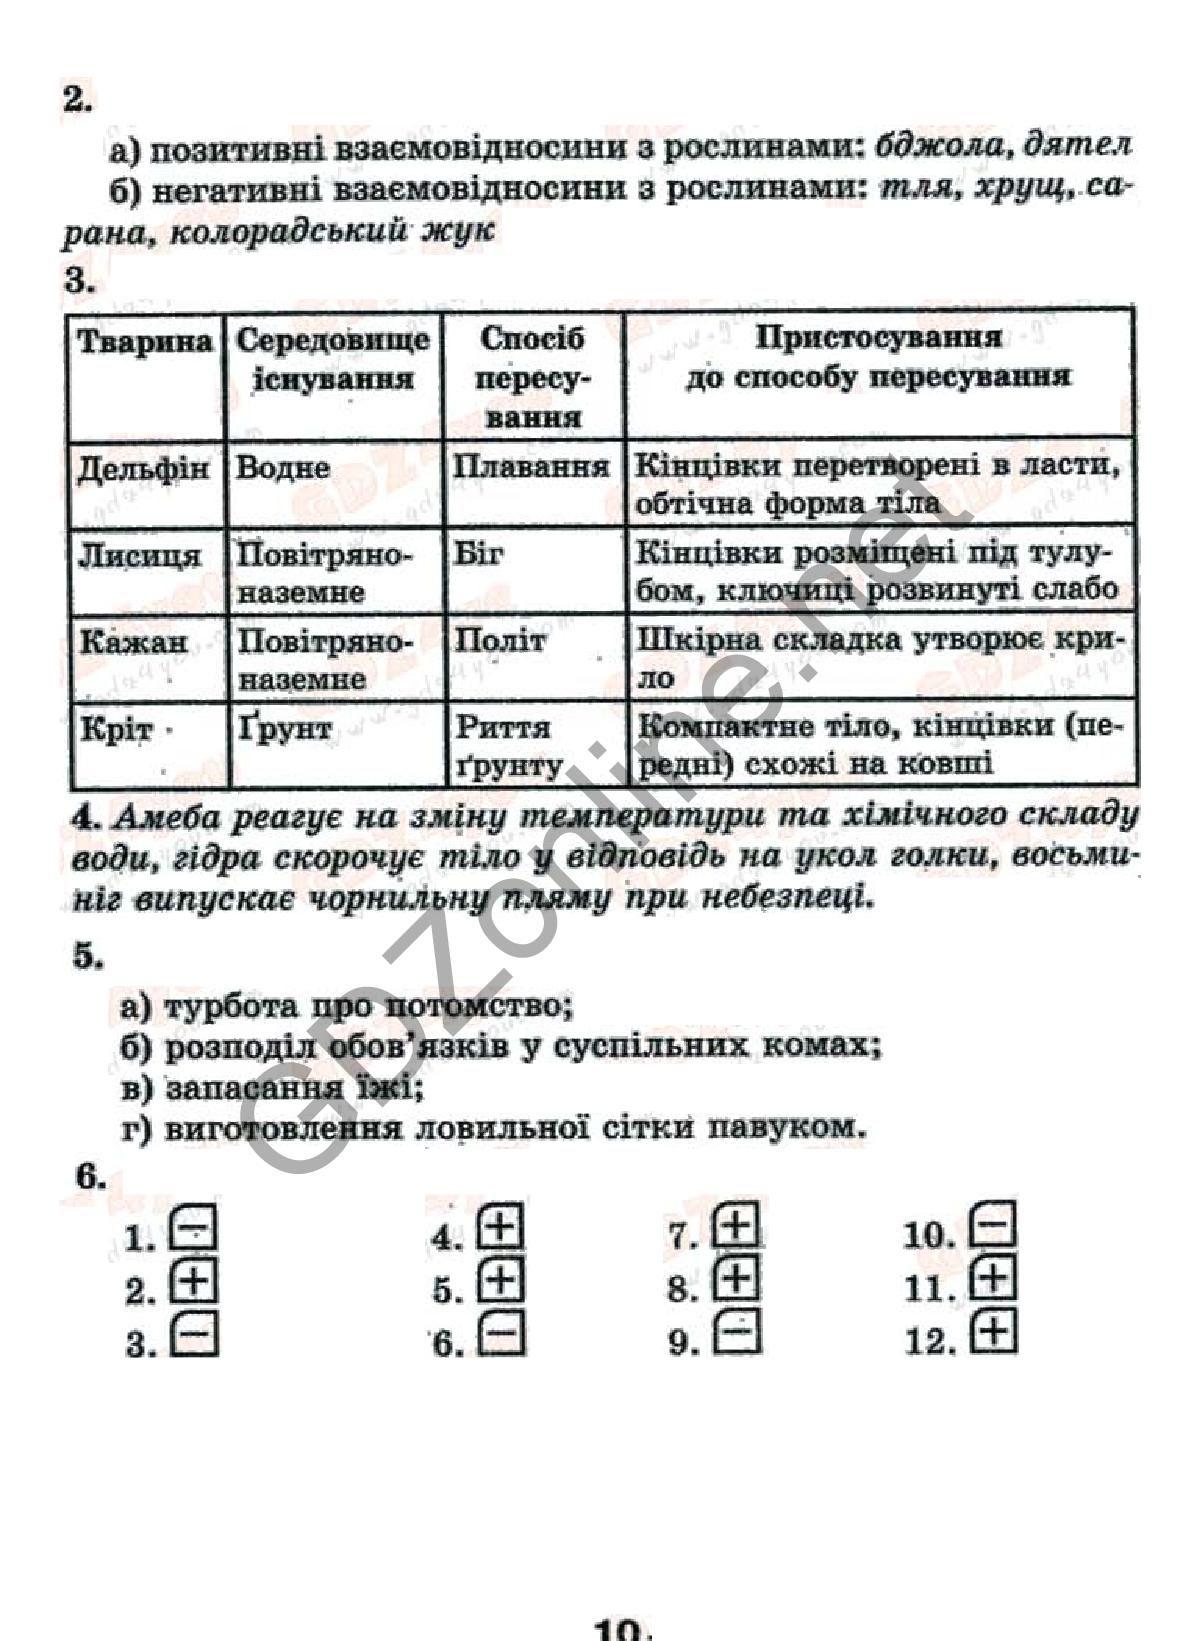 Решебник для зошита с биологии 8 класс котик таглина